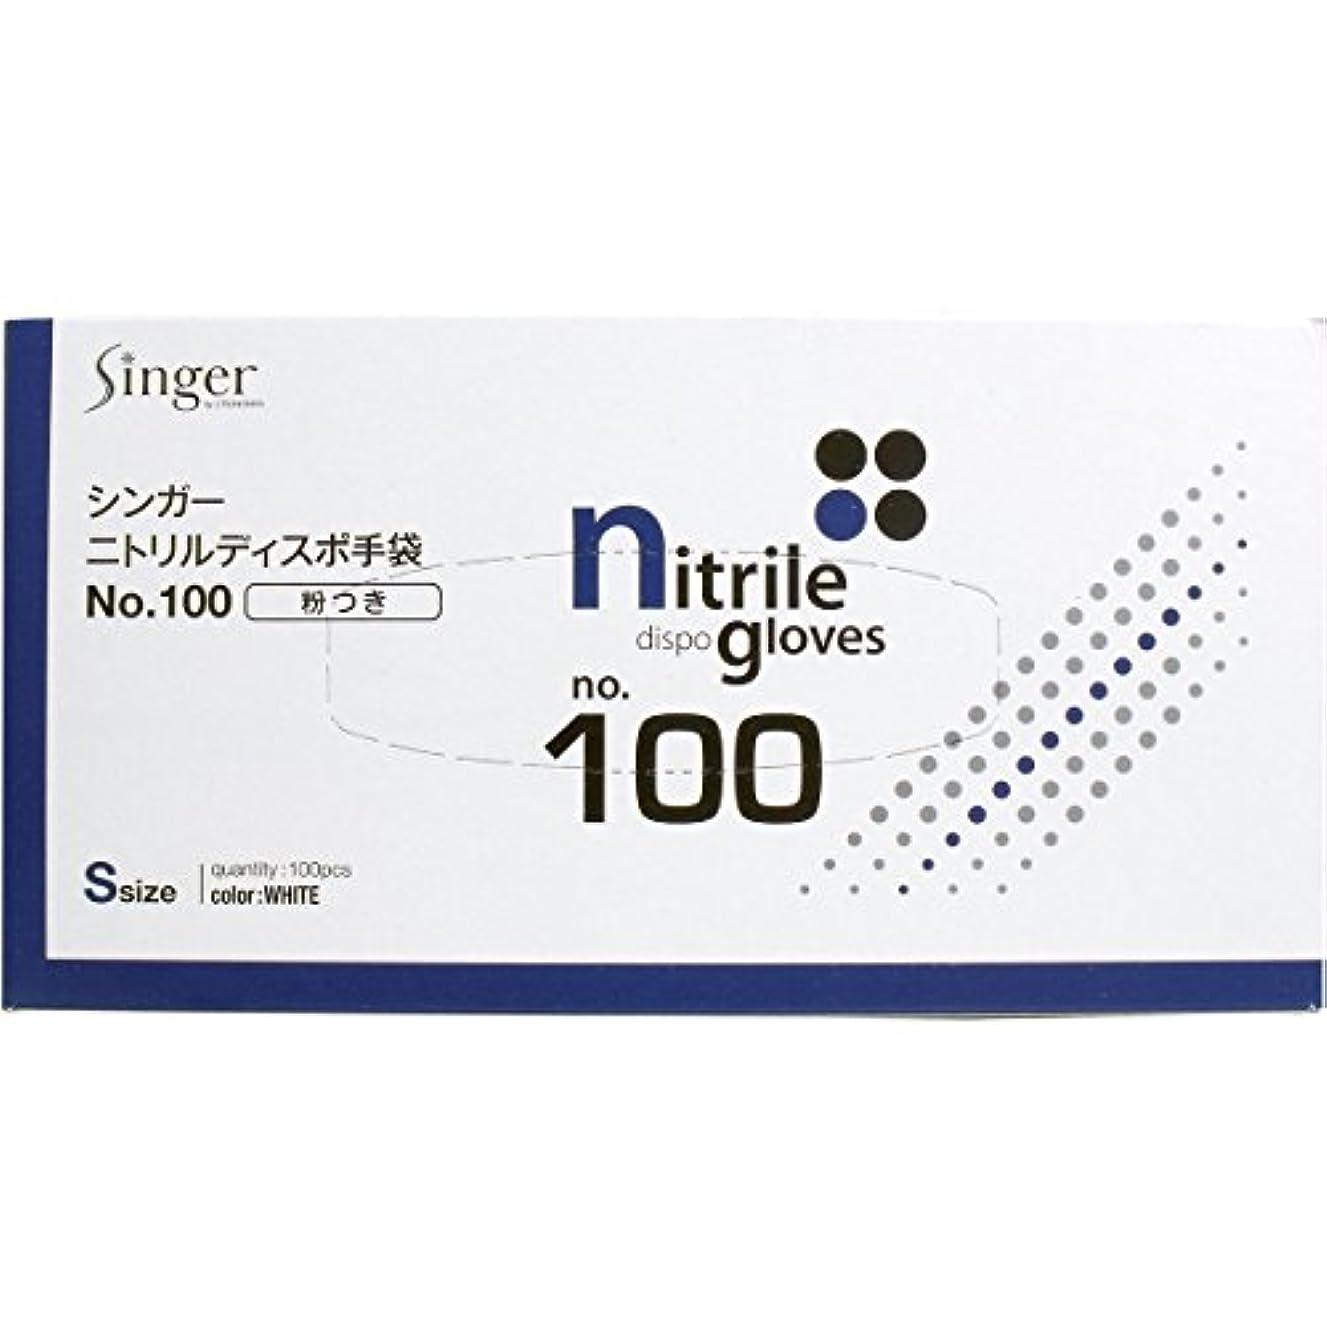 濃度能力クレアシンガー ニトリルディスポ手袋 粉つき Sサイズ 100枚入